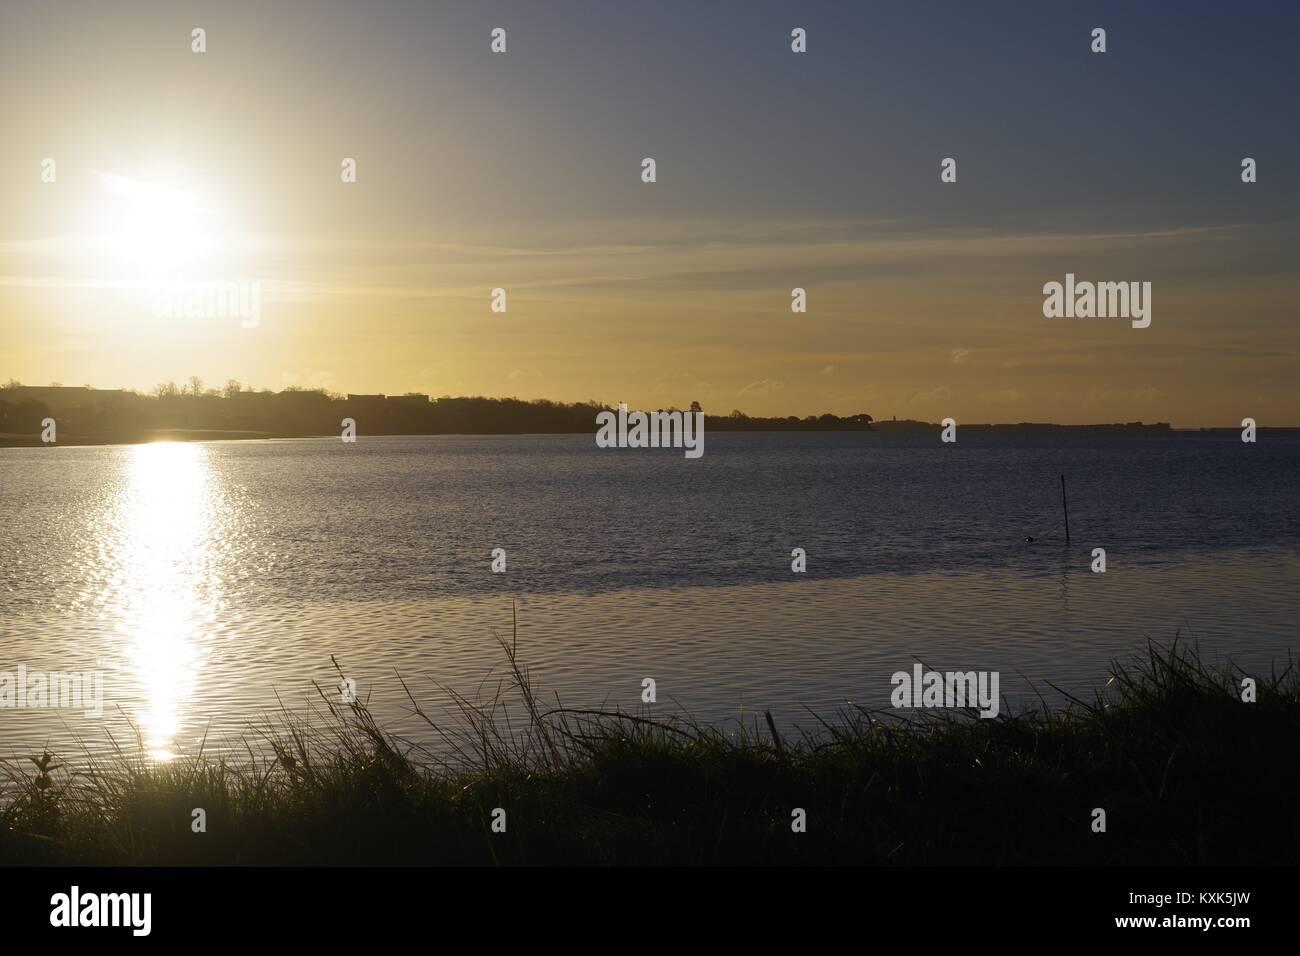 Sunrise over the Exe Estuary at High Tide from Topsham. Devon, UK. January, 2018. - Stock Image